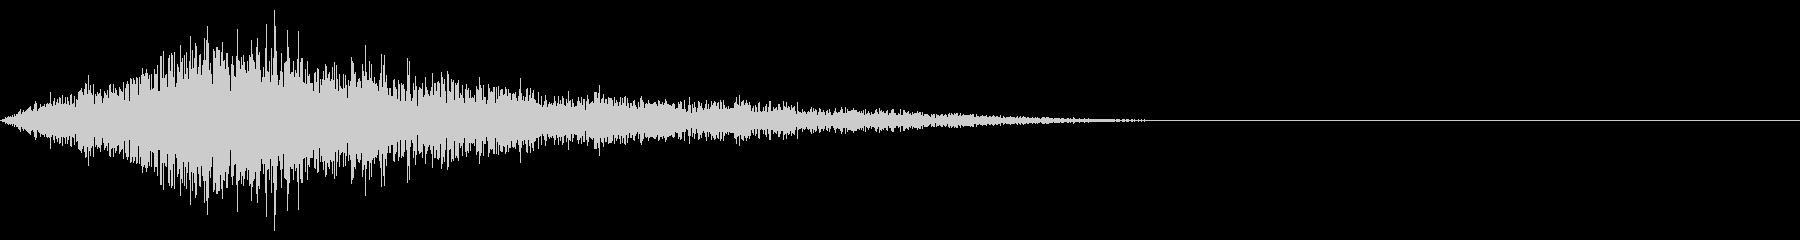 タイトルロゴに合うSFXの未再生の波形